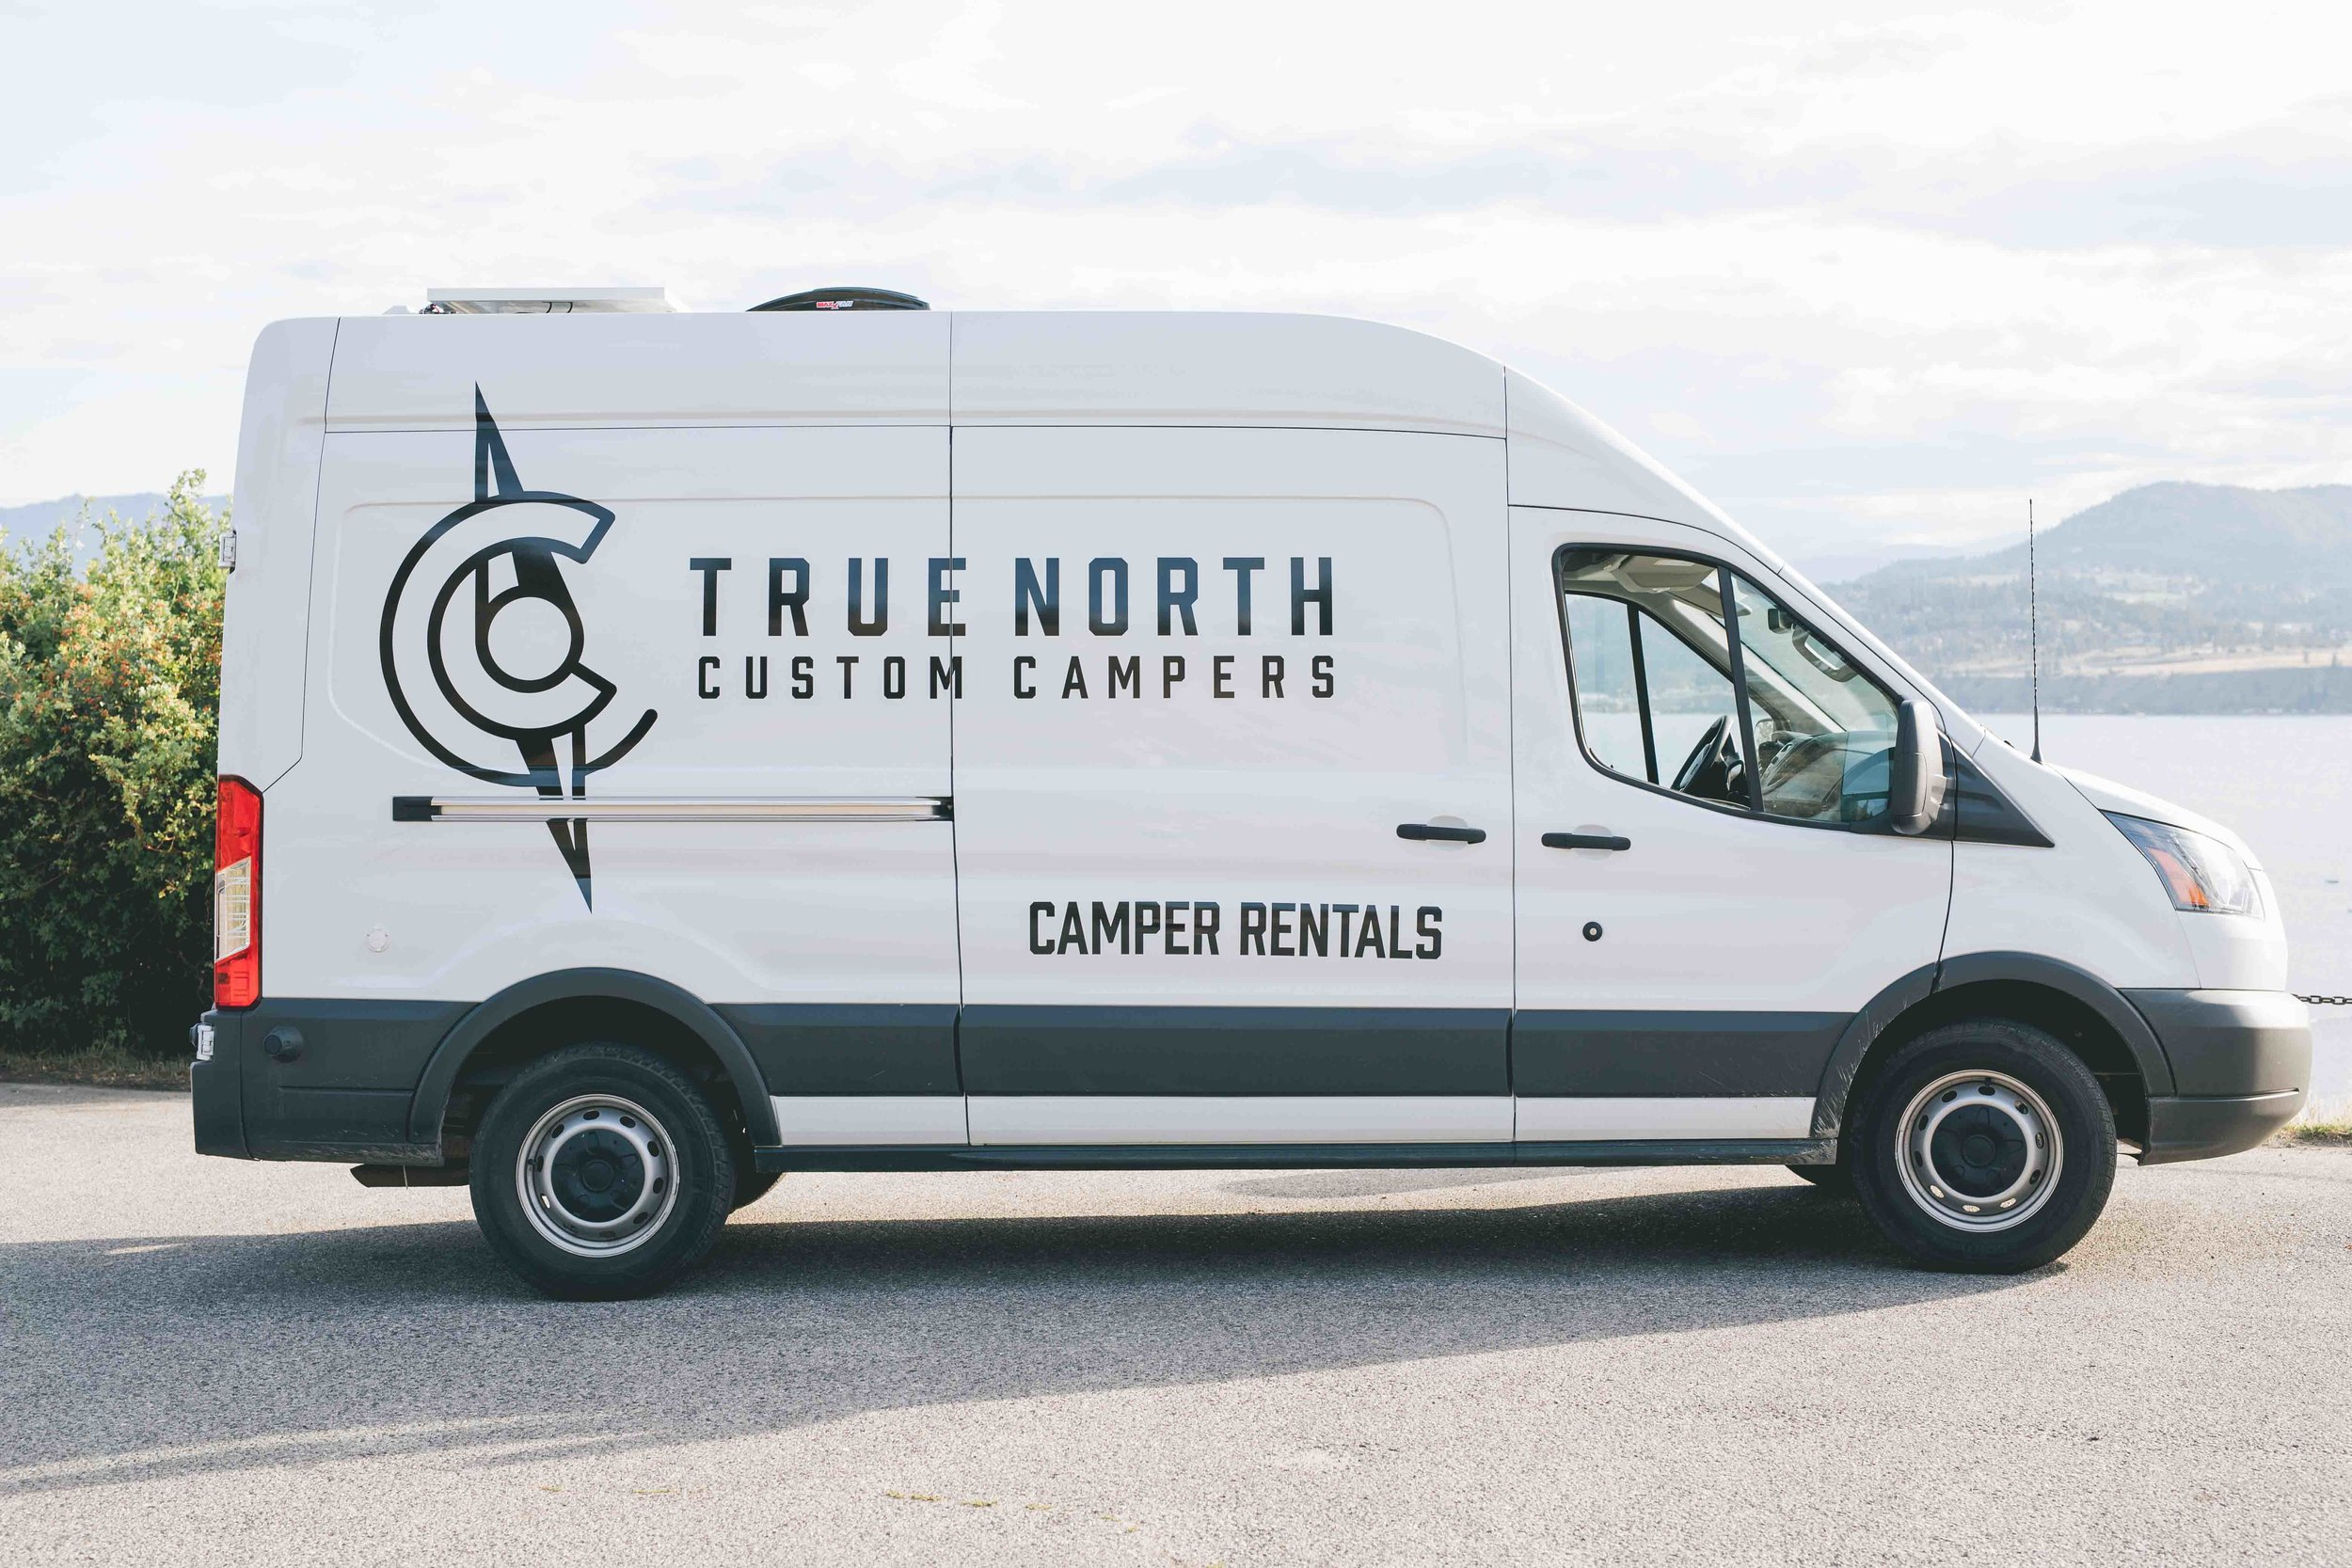 true-north-camper-vans-calgary.jpg